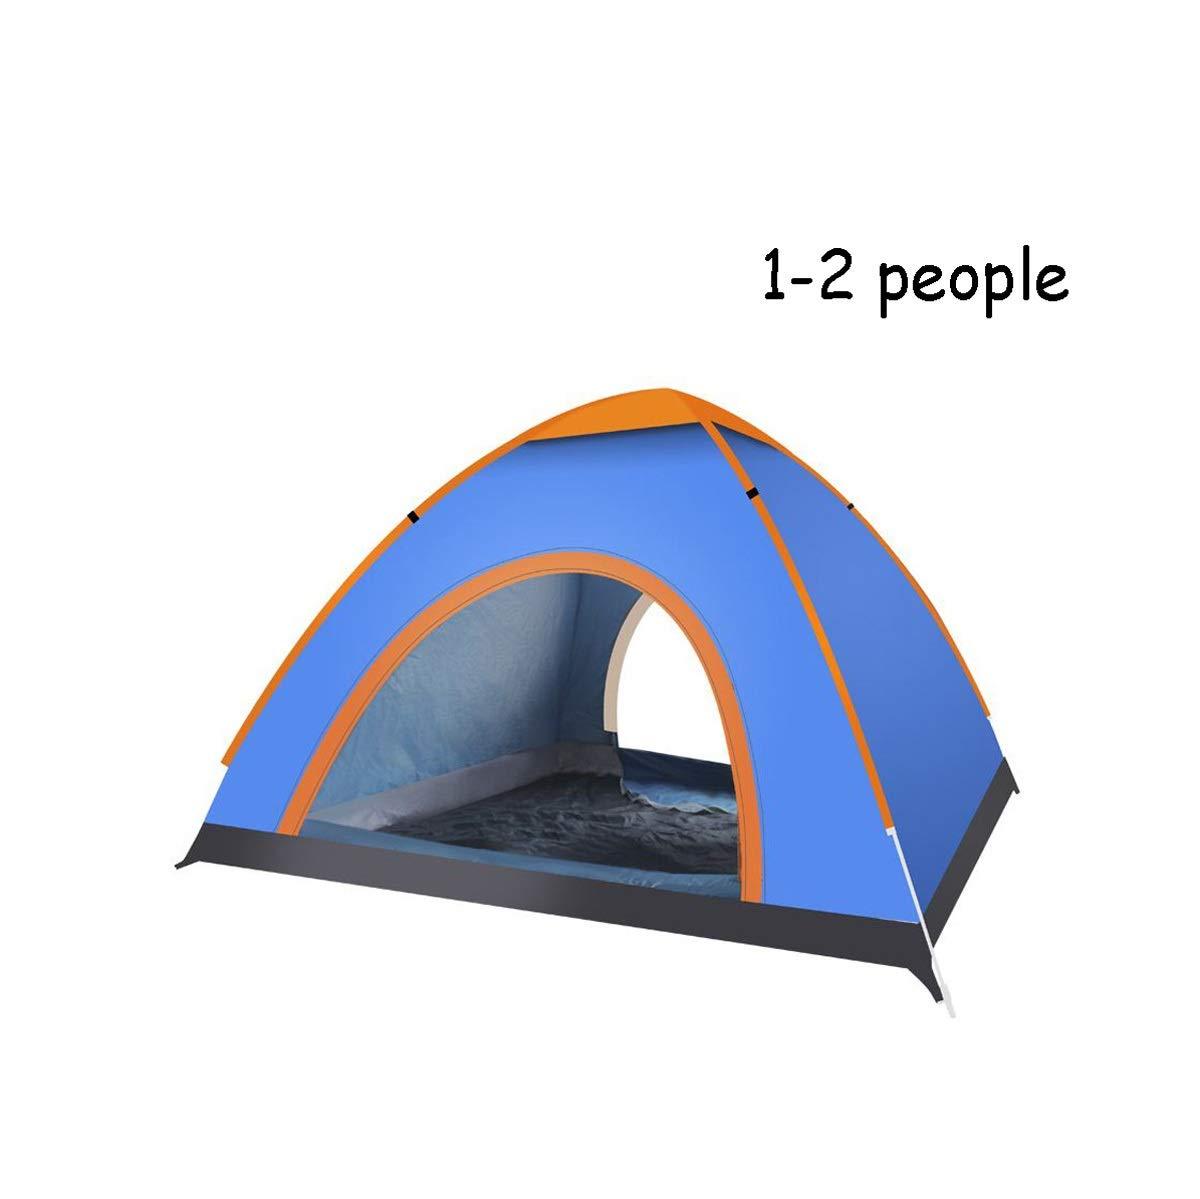 alta calidad Small Tienda de campaña emergente emergente emergente para 3-4 personas en el exterior Tienda de camping en el festival Projoección UV resistente al agua Configuración de instalación rápida Compacto liviano ( Talla   Small )  forma única